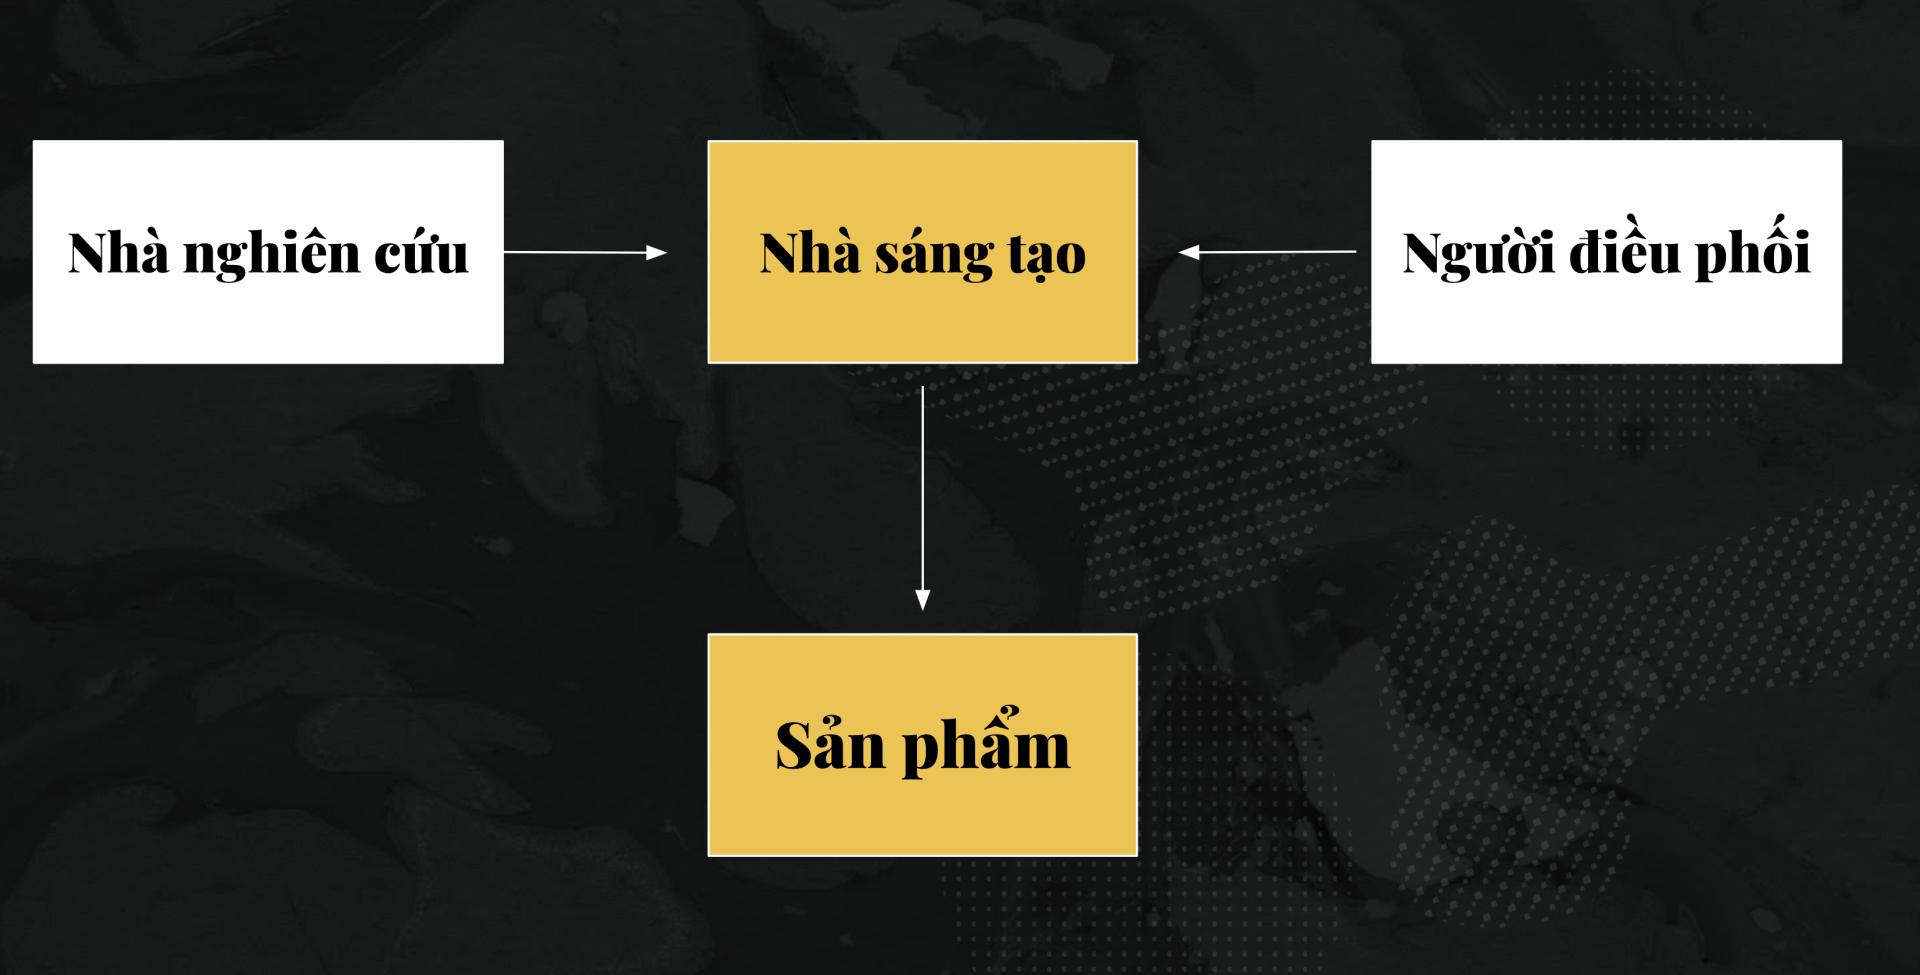 Một mô hình mới về cách các nhà thiết kế sáng tạo trên Chất Việt